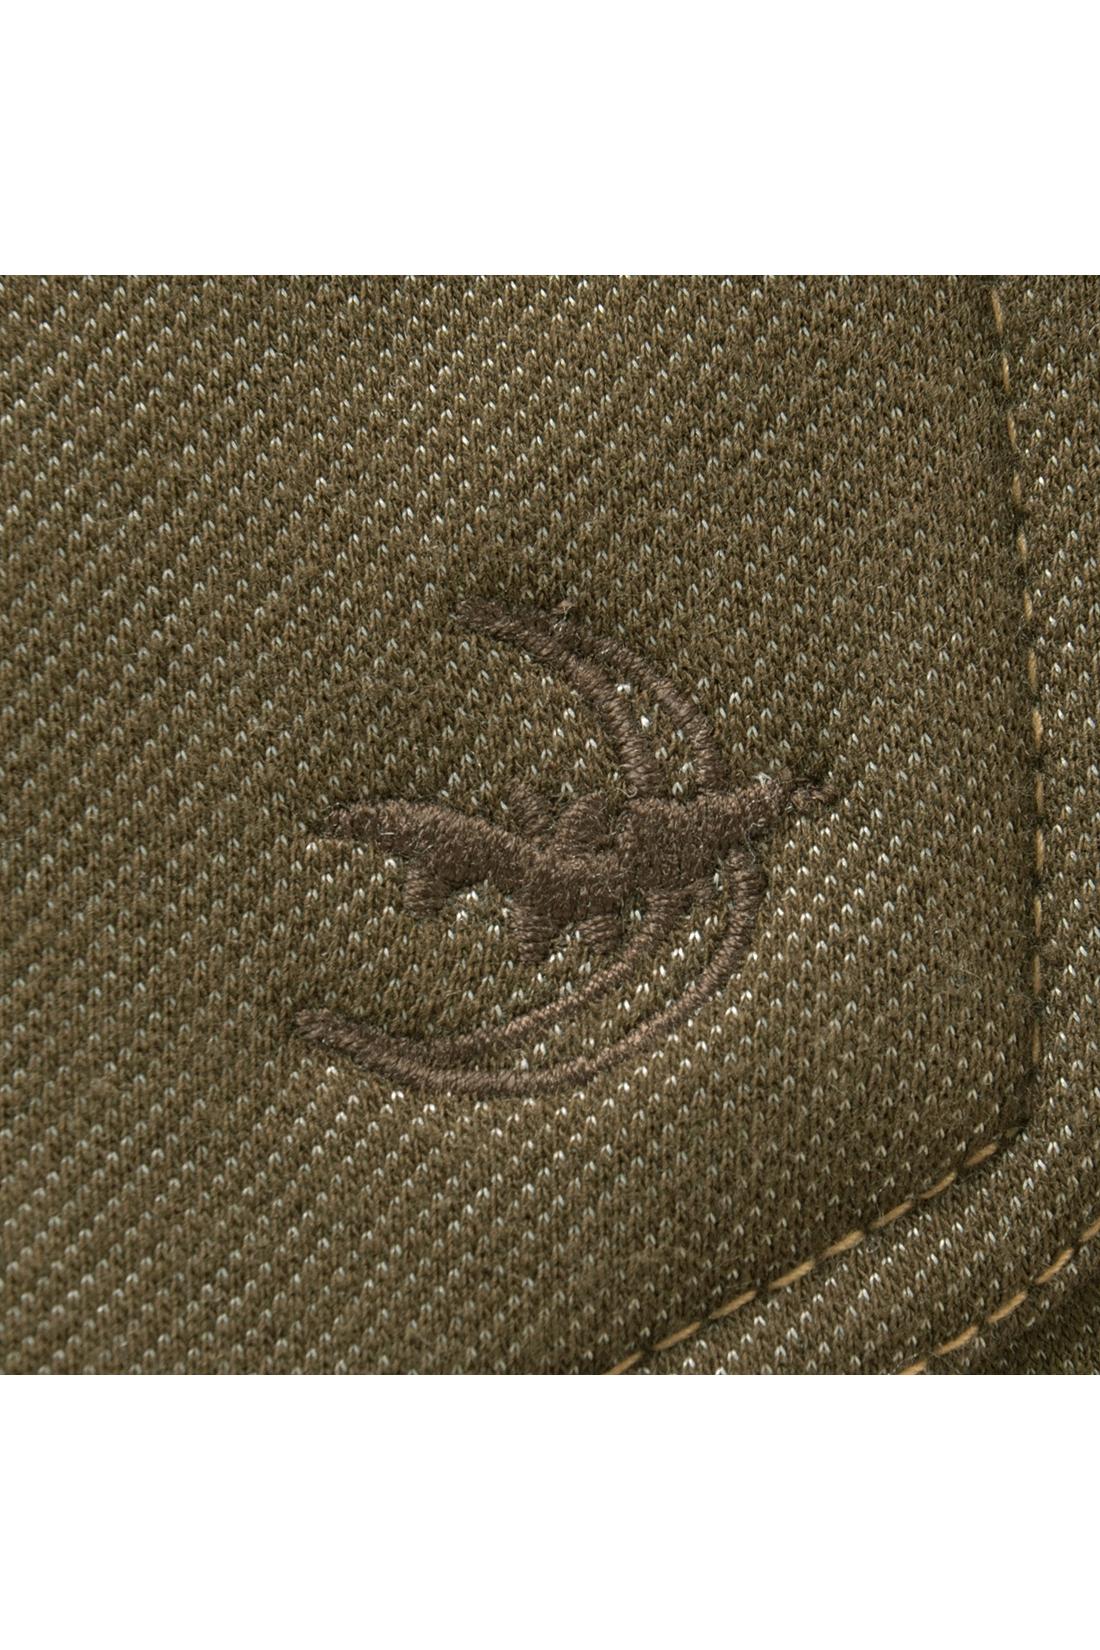 後ろポケットのおしゃれなコウモリの刺しゅうがアクセント。